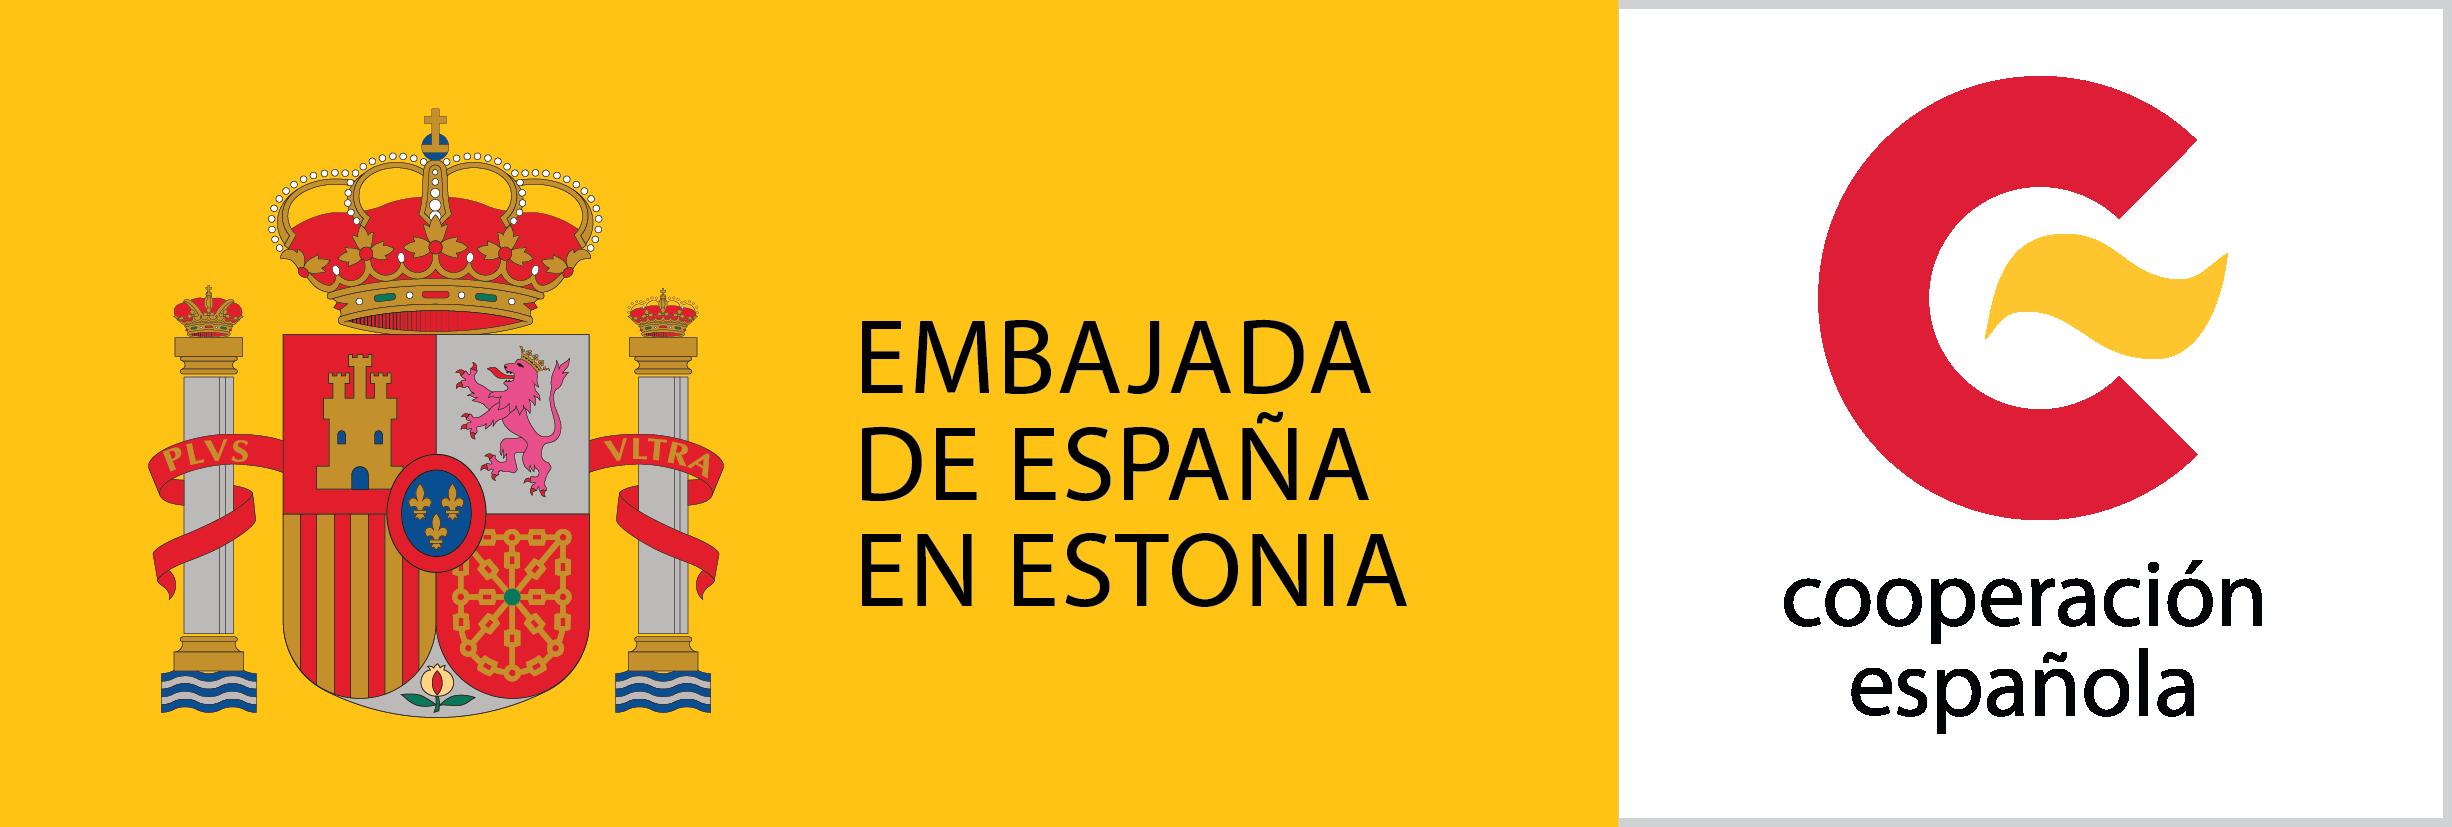 http://www.exteriores.gob.es/Embajadas/TALLIN/et/Embajada/Paginas/inicio.aspx